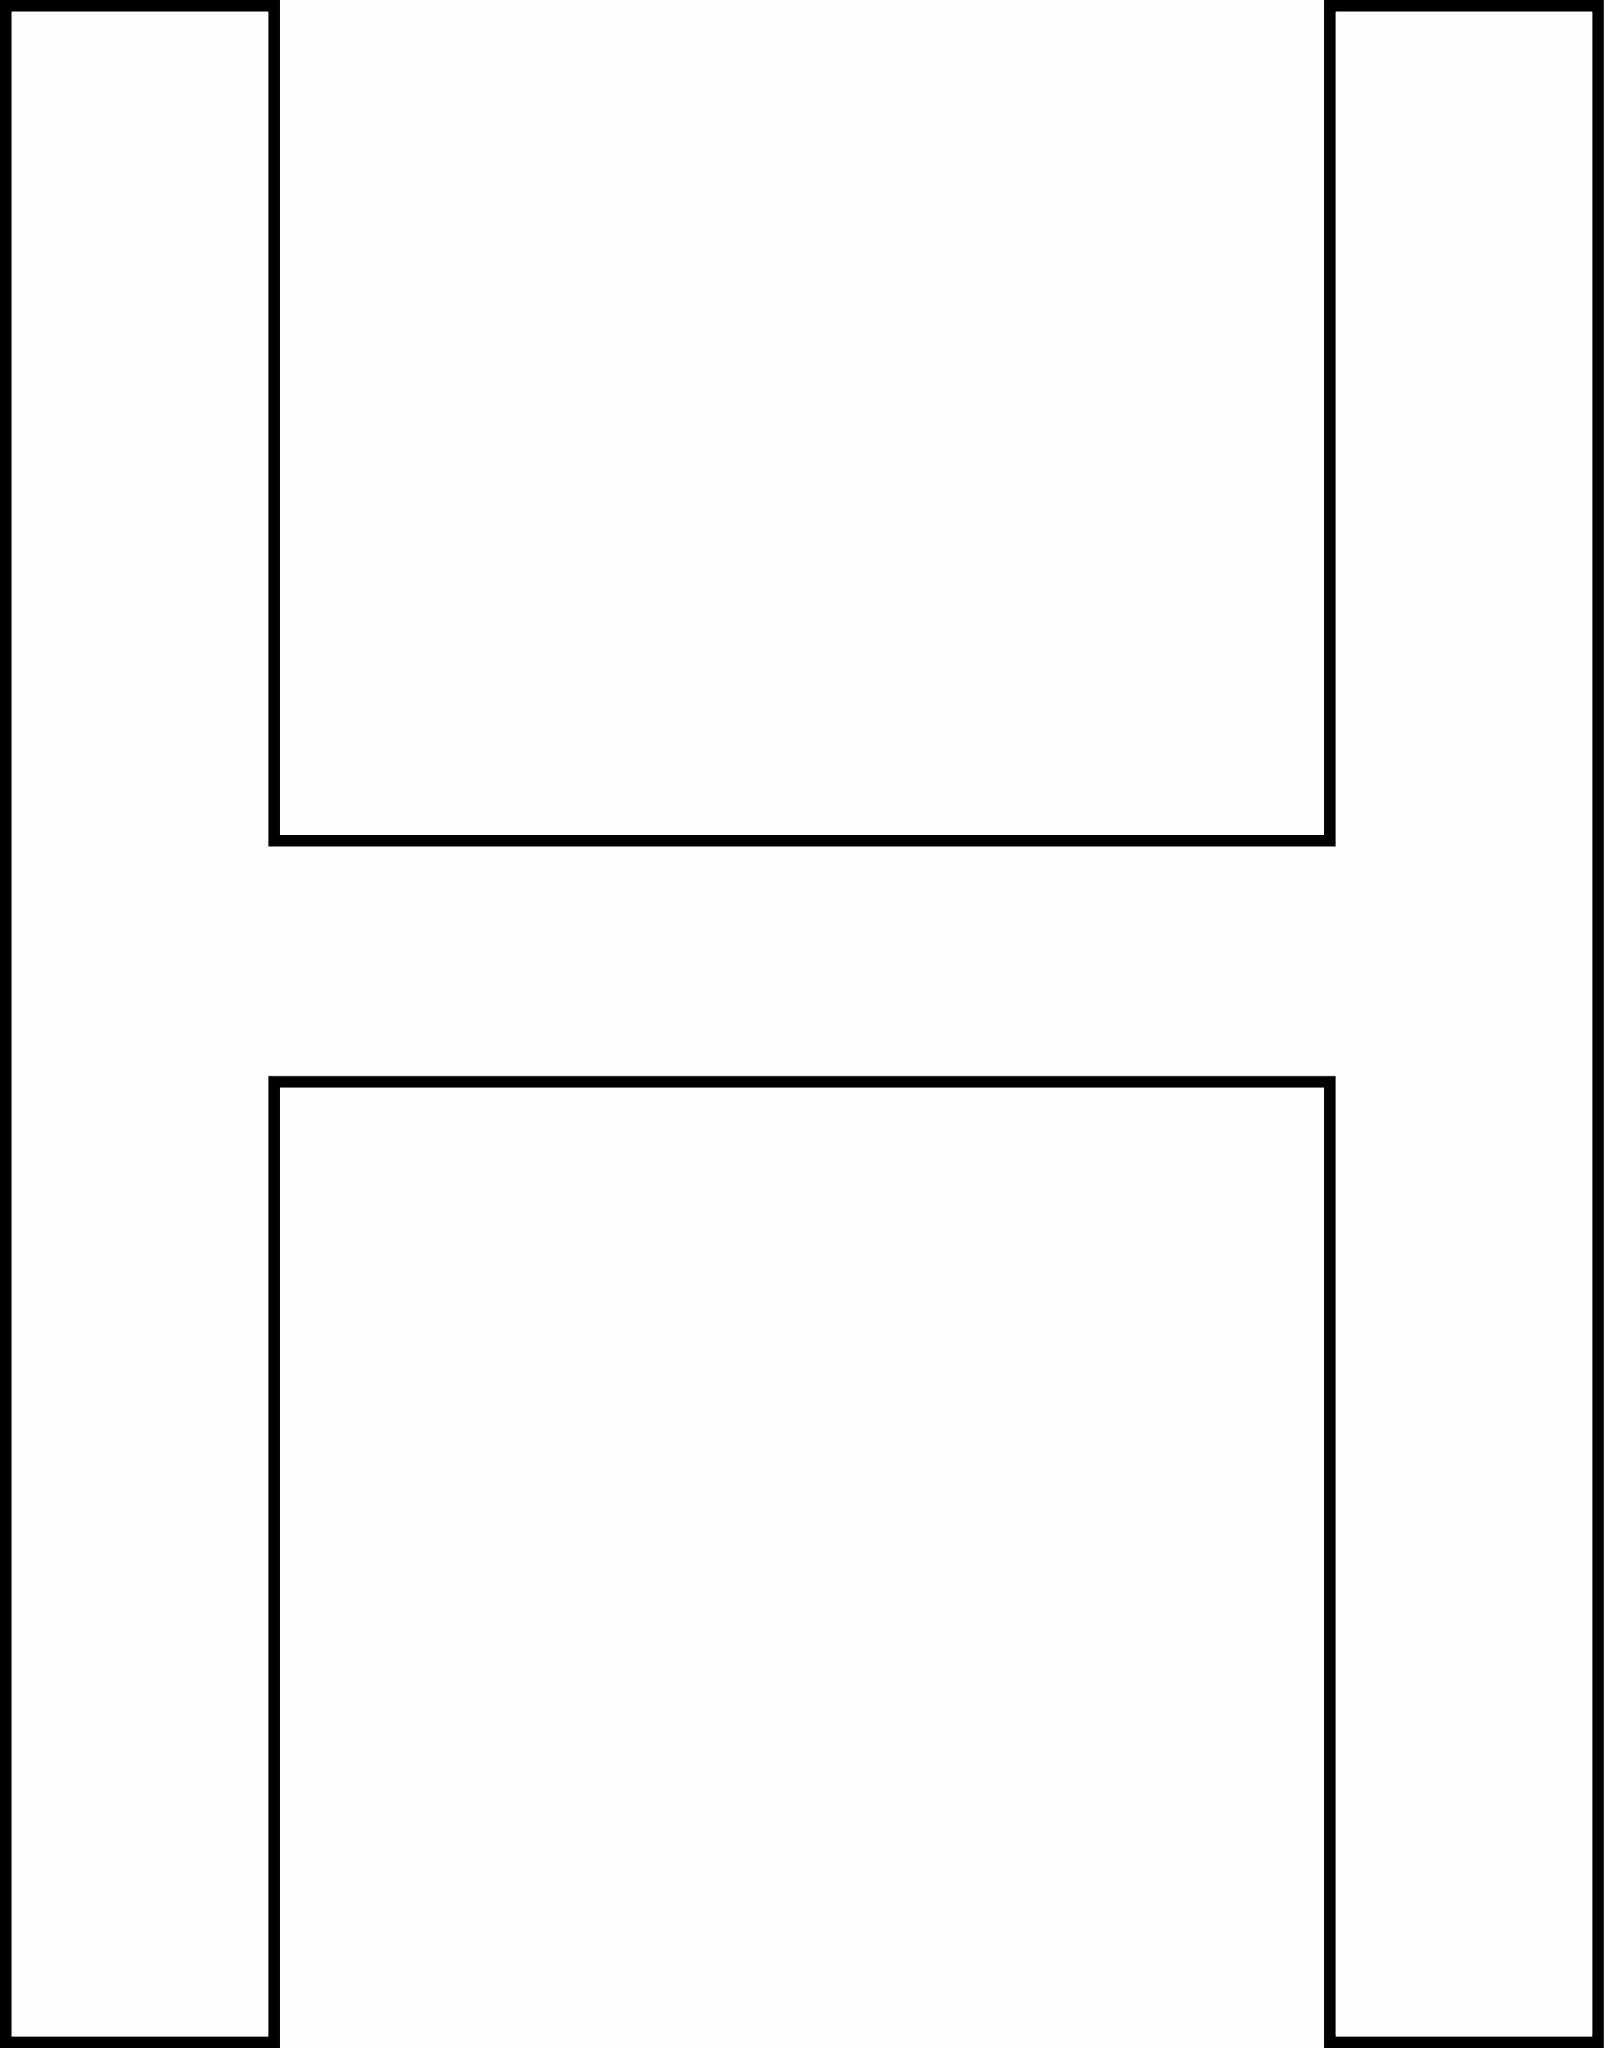 Letra h - maiúscula para imprimir